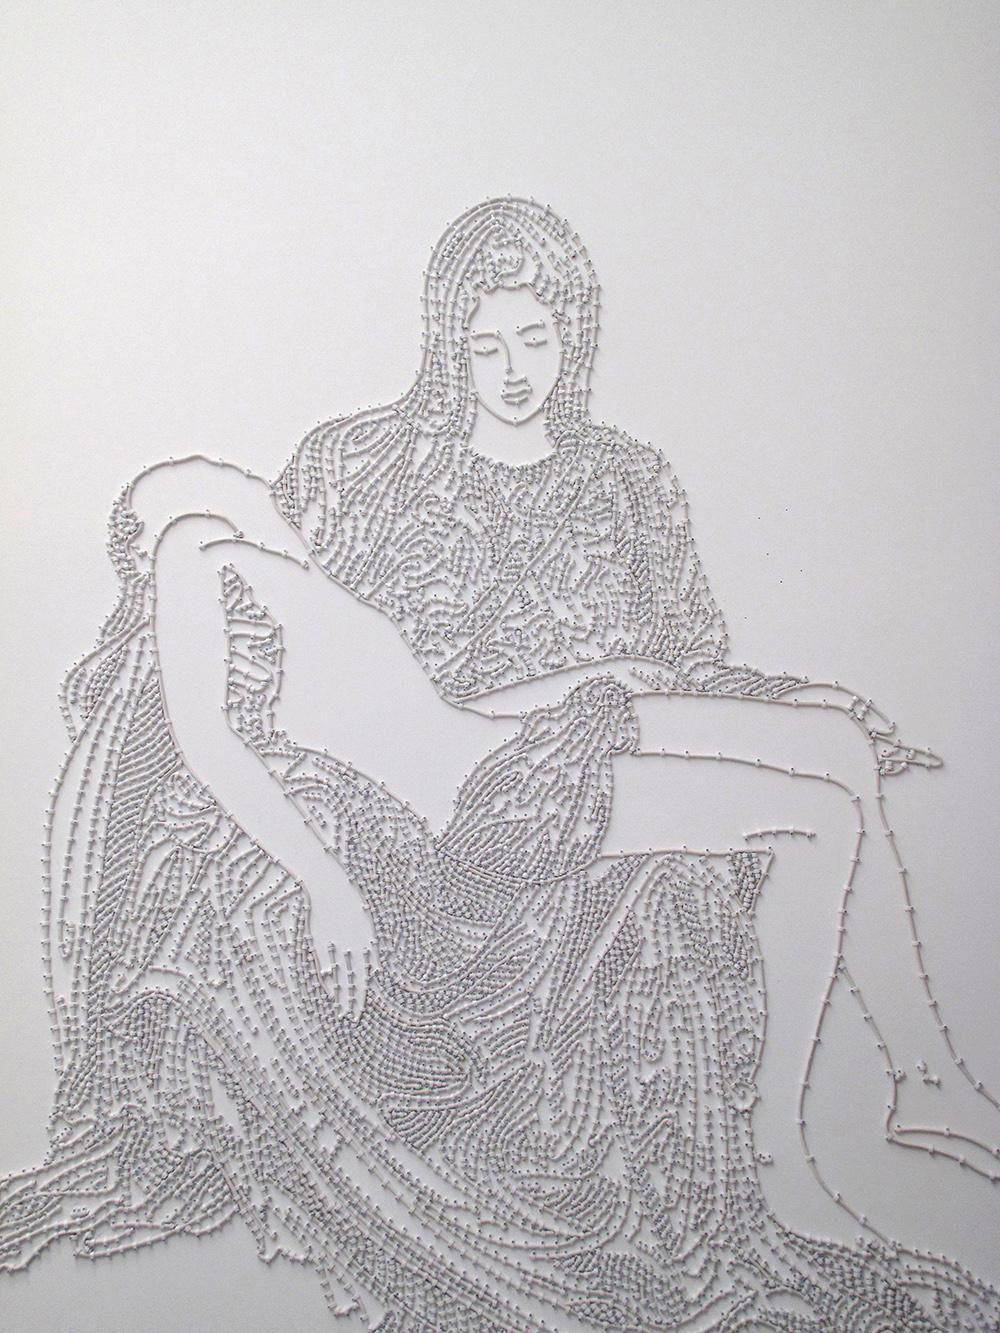 Bas-Relief La Pietà, (corps blanc sur fond blanc),  2009,  Edition 5/5, câble d'antenne et attaches,   255 x 205 cm,  — Galerie Éric Hussenot, Paris